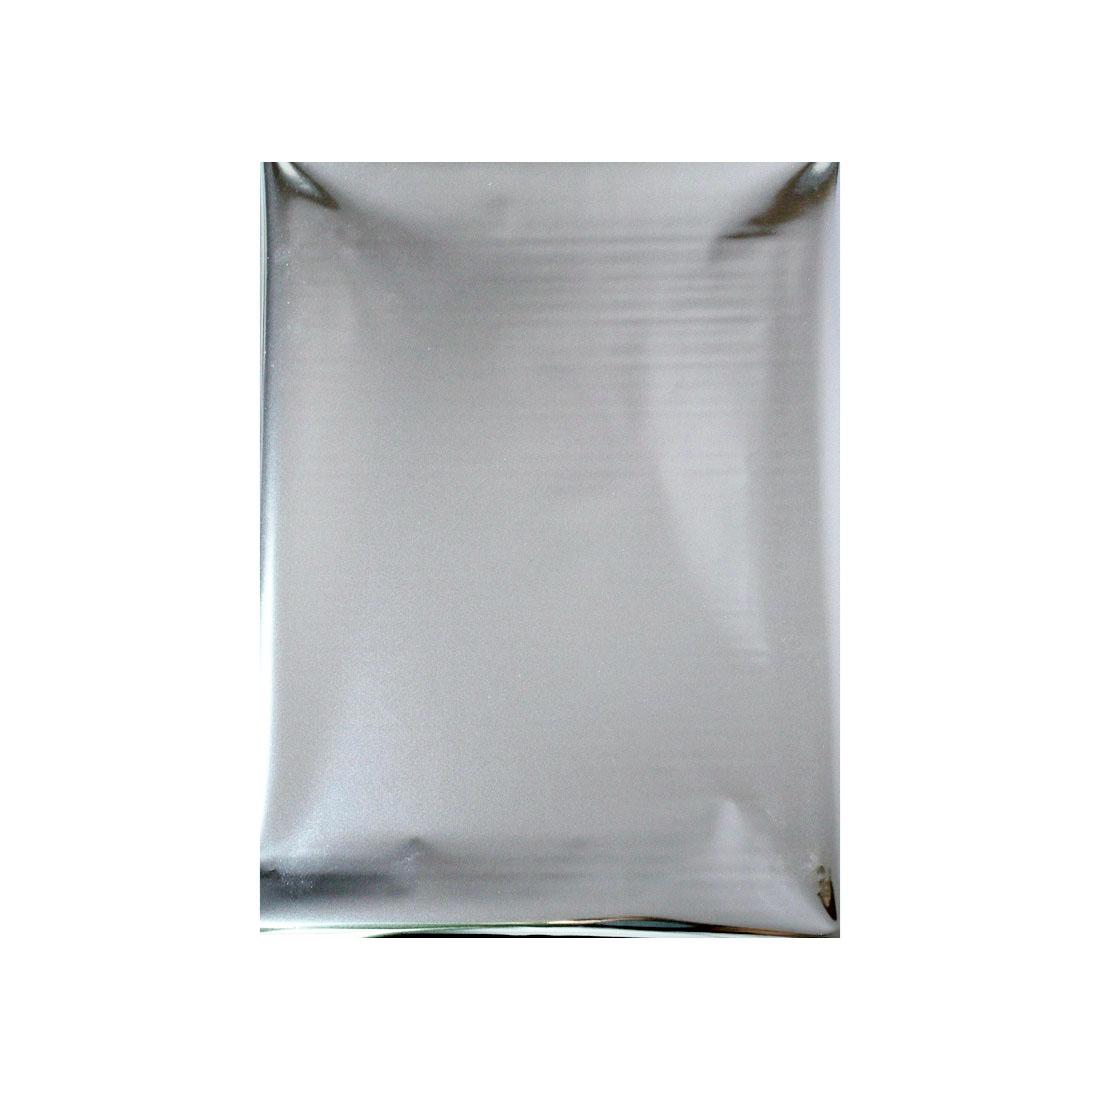 Folia do złoceń, nabłyszczeń w arkuszach na wydrukach laserowych przy użyciu termotransferu - O.FOIL Toner Print - A4 (297 x 210 mm) - srebrny - 25 sztuk